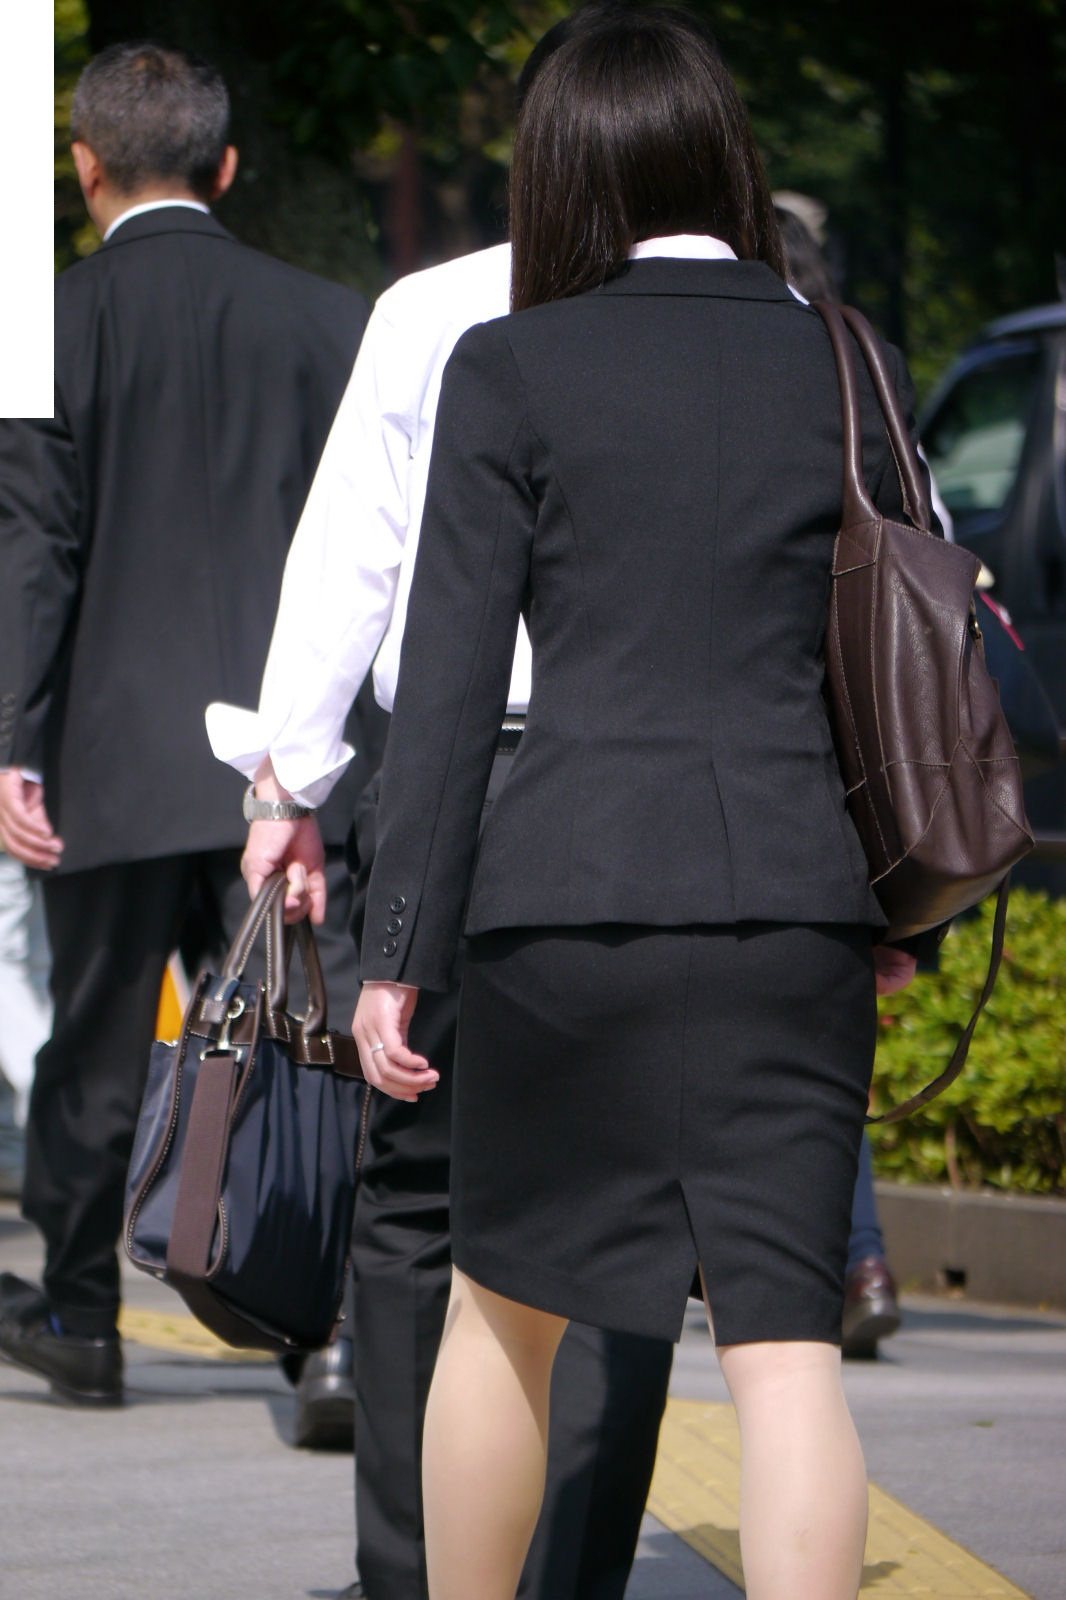 就活OLのパンティラインを隠さないスーツ盗撮エロ画像1枚目